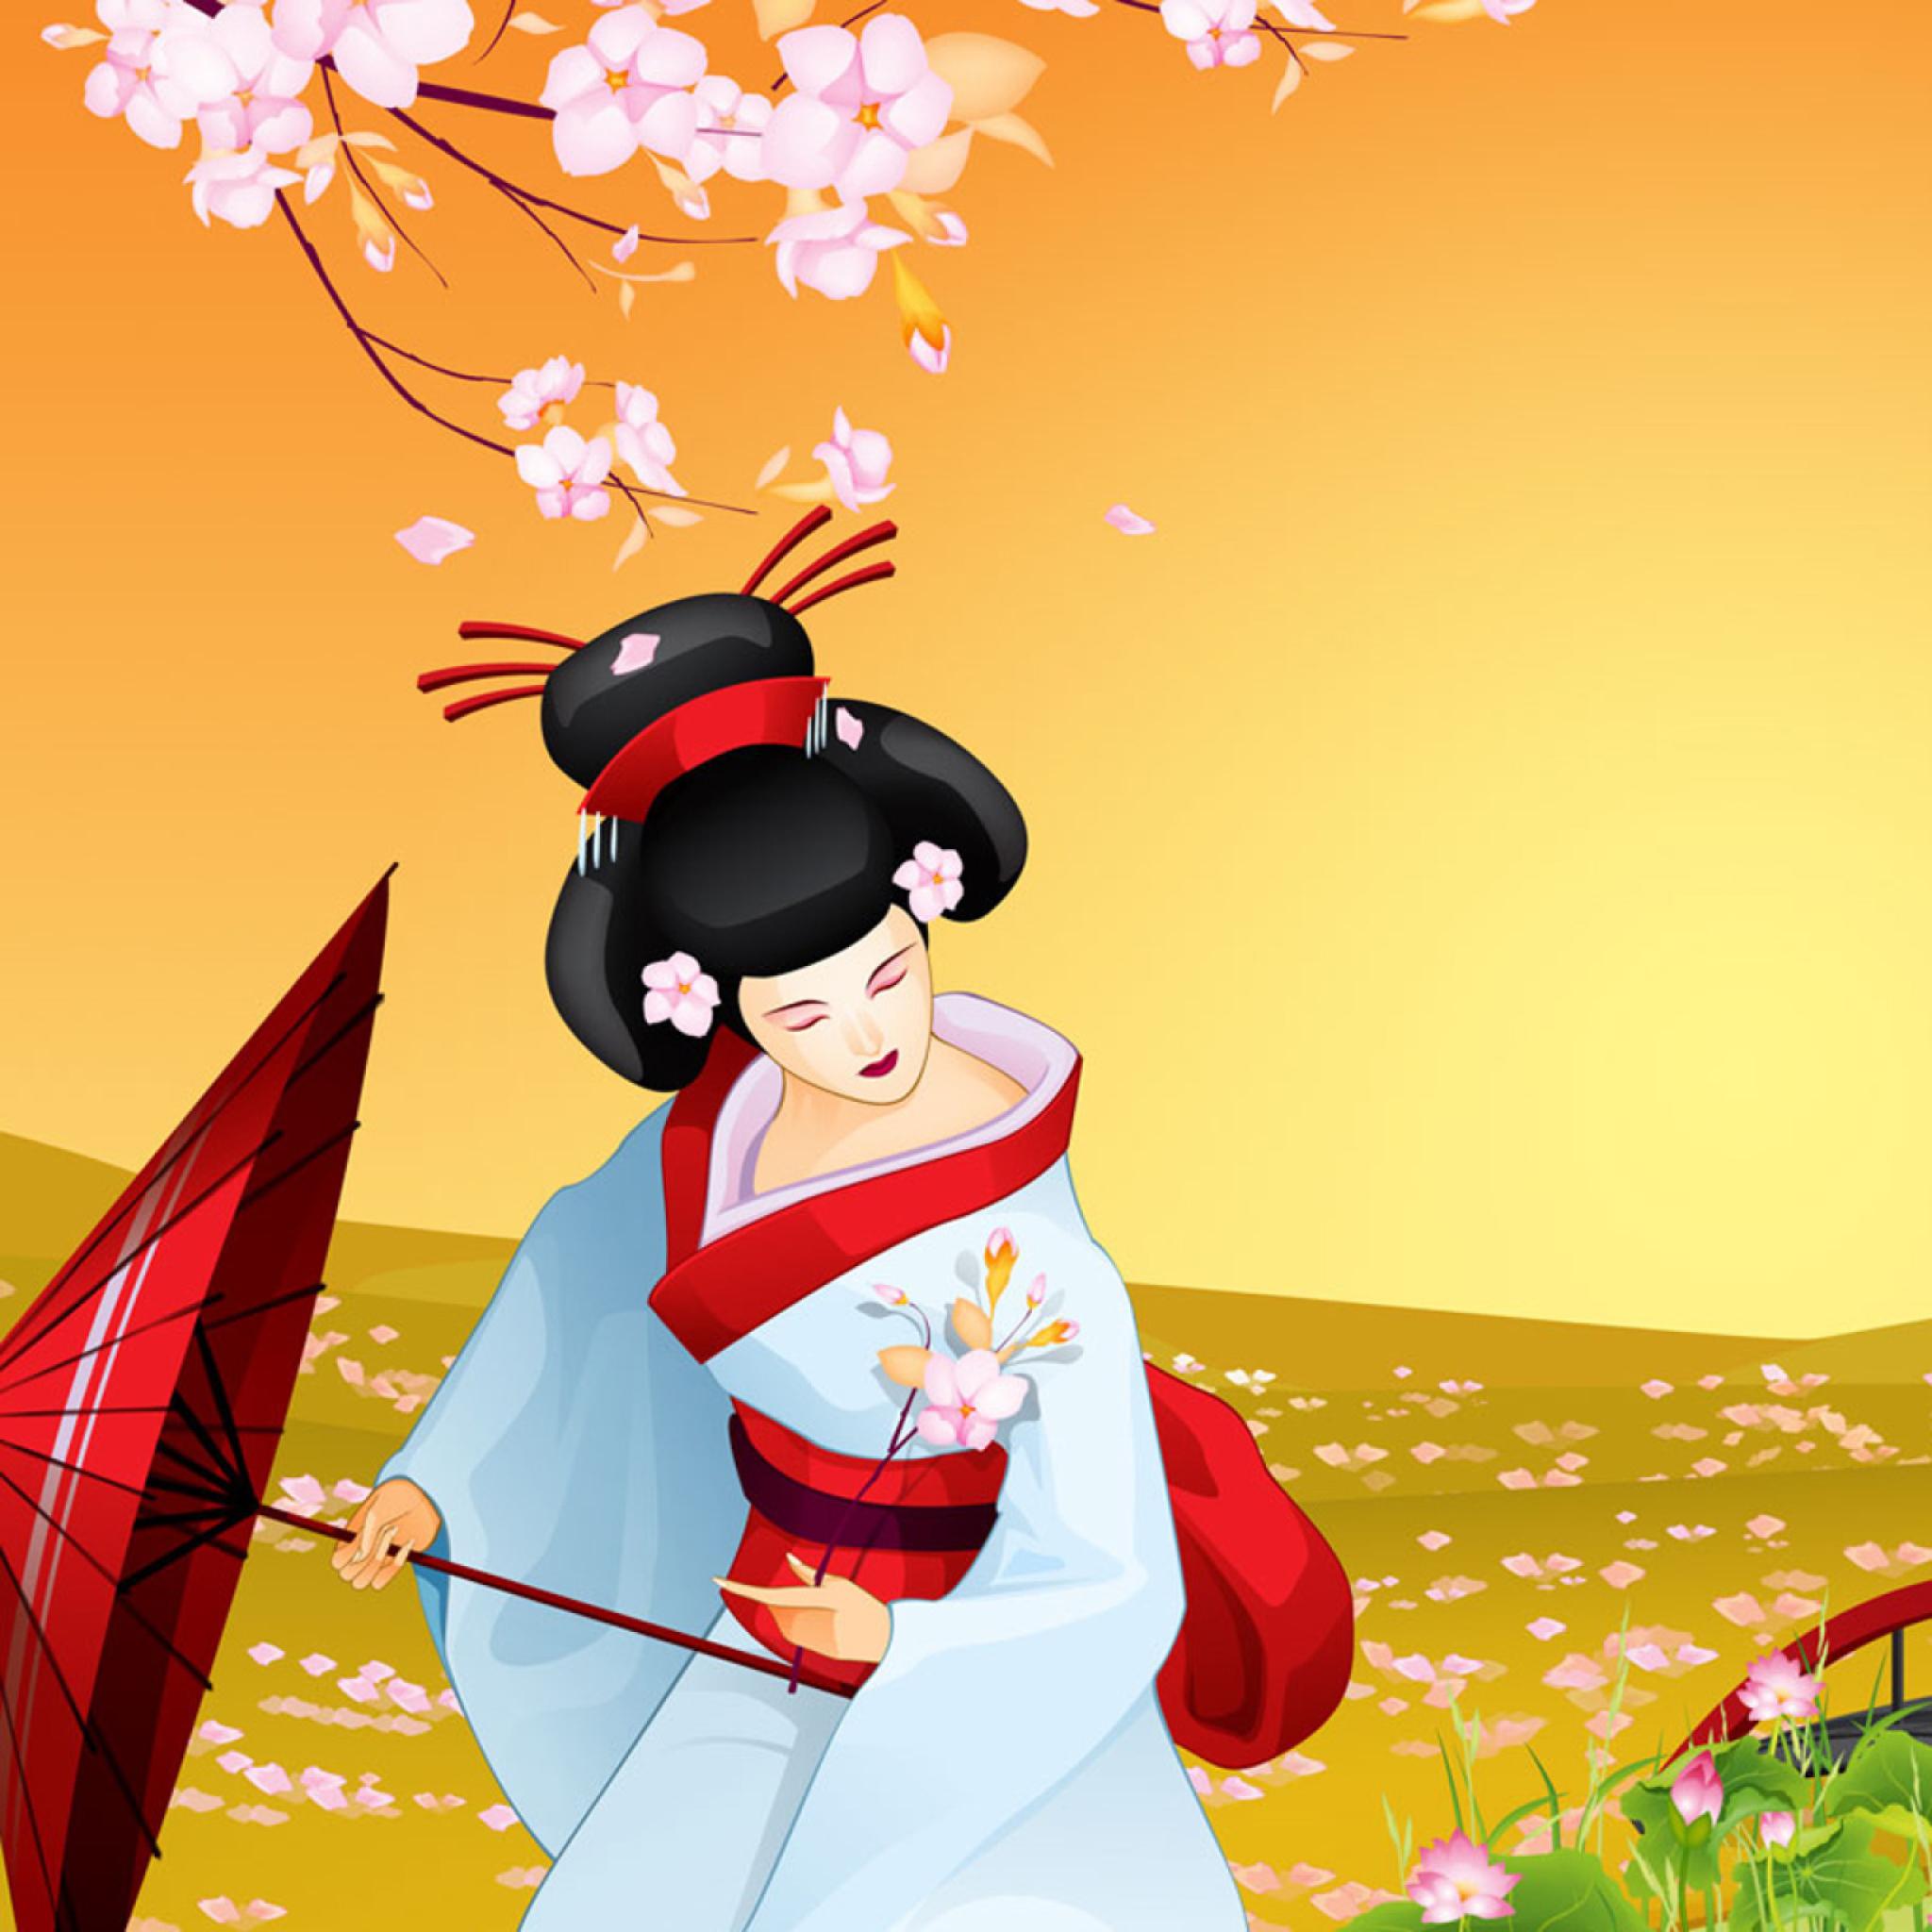 Веселые японские картинки, картинки поздравляю отпуском